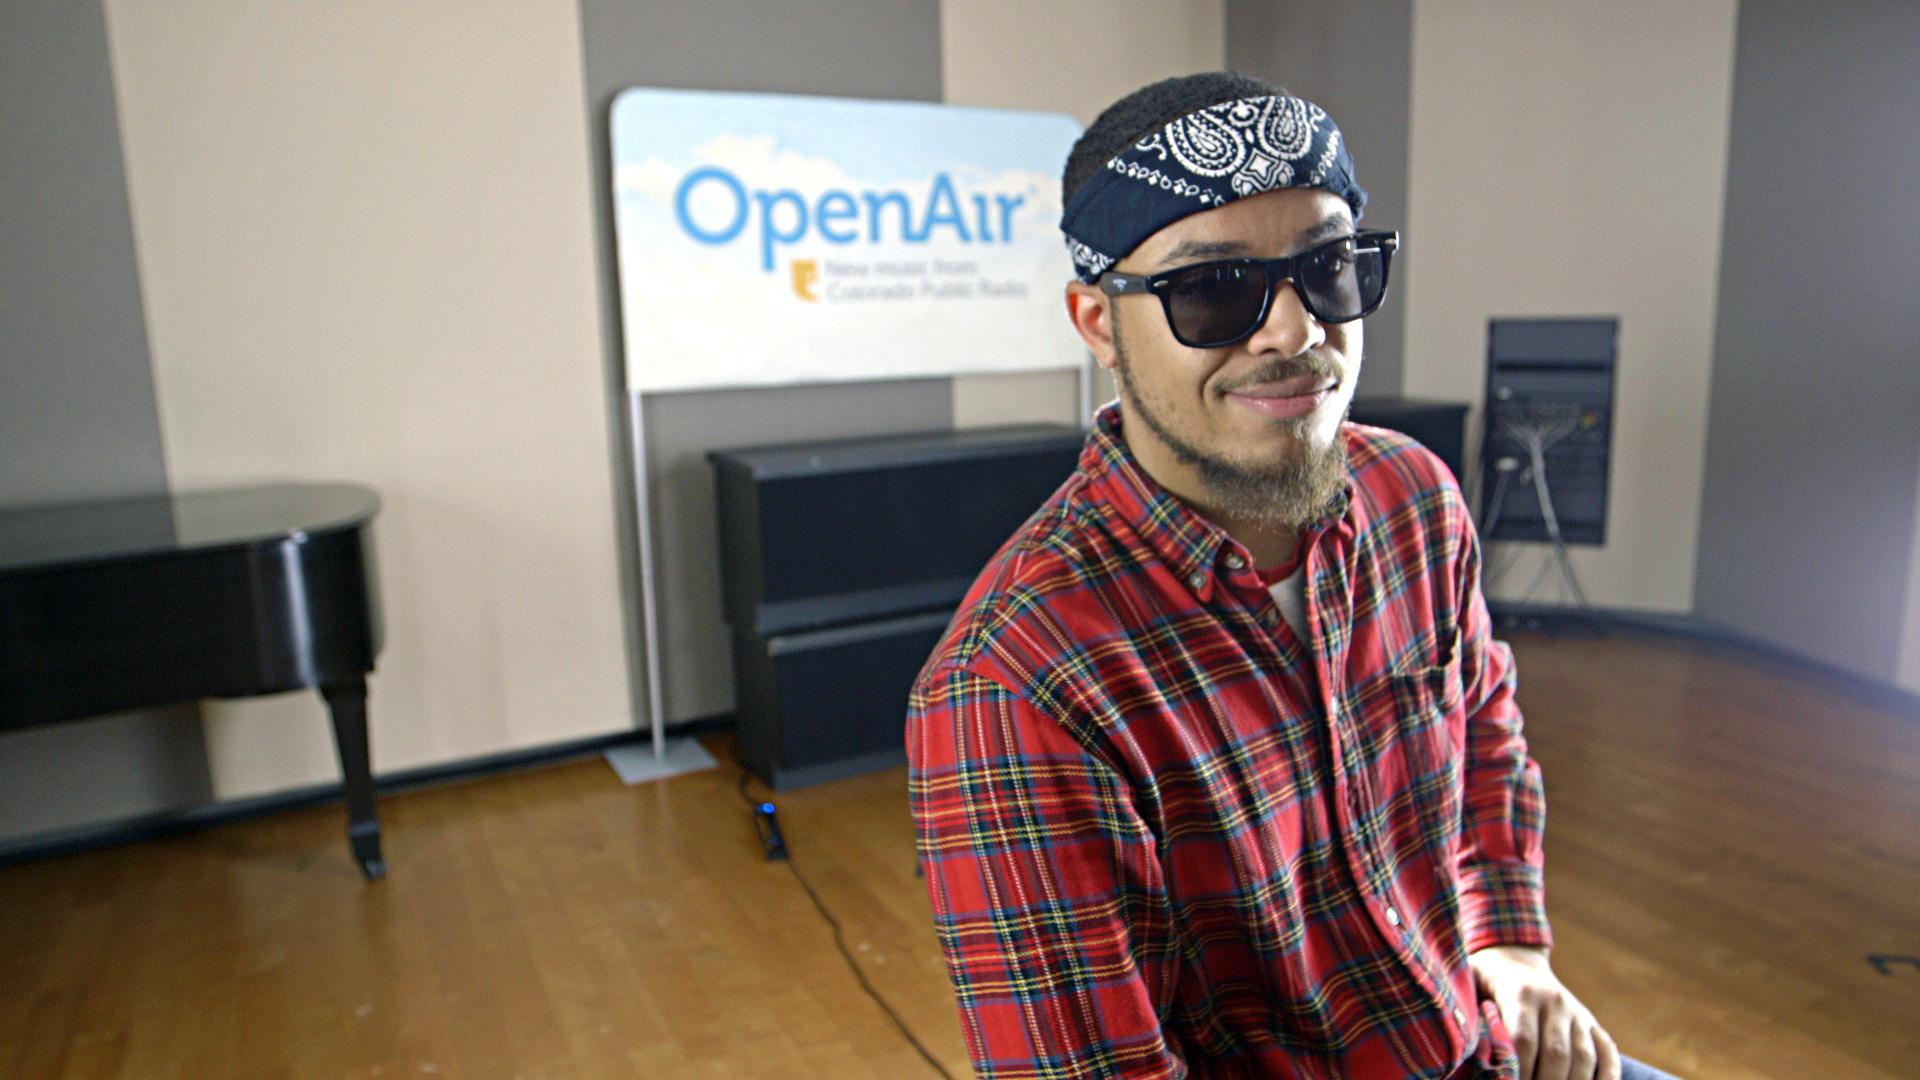 Photo: Sur Ellz at OpenAir